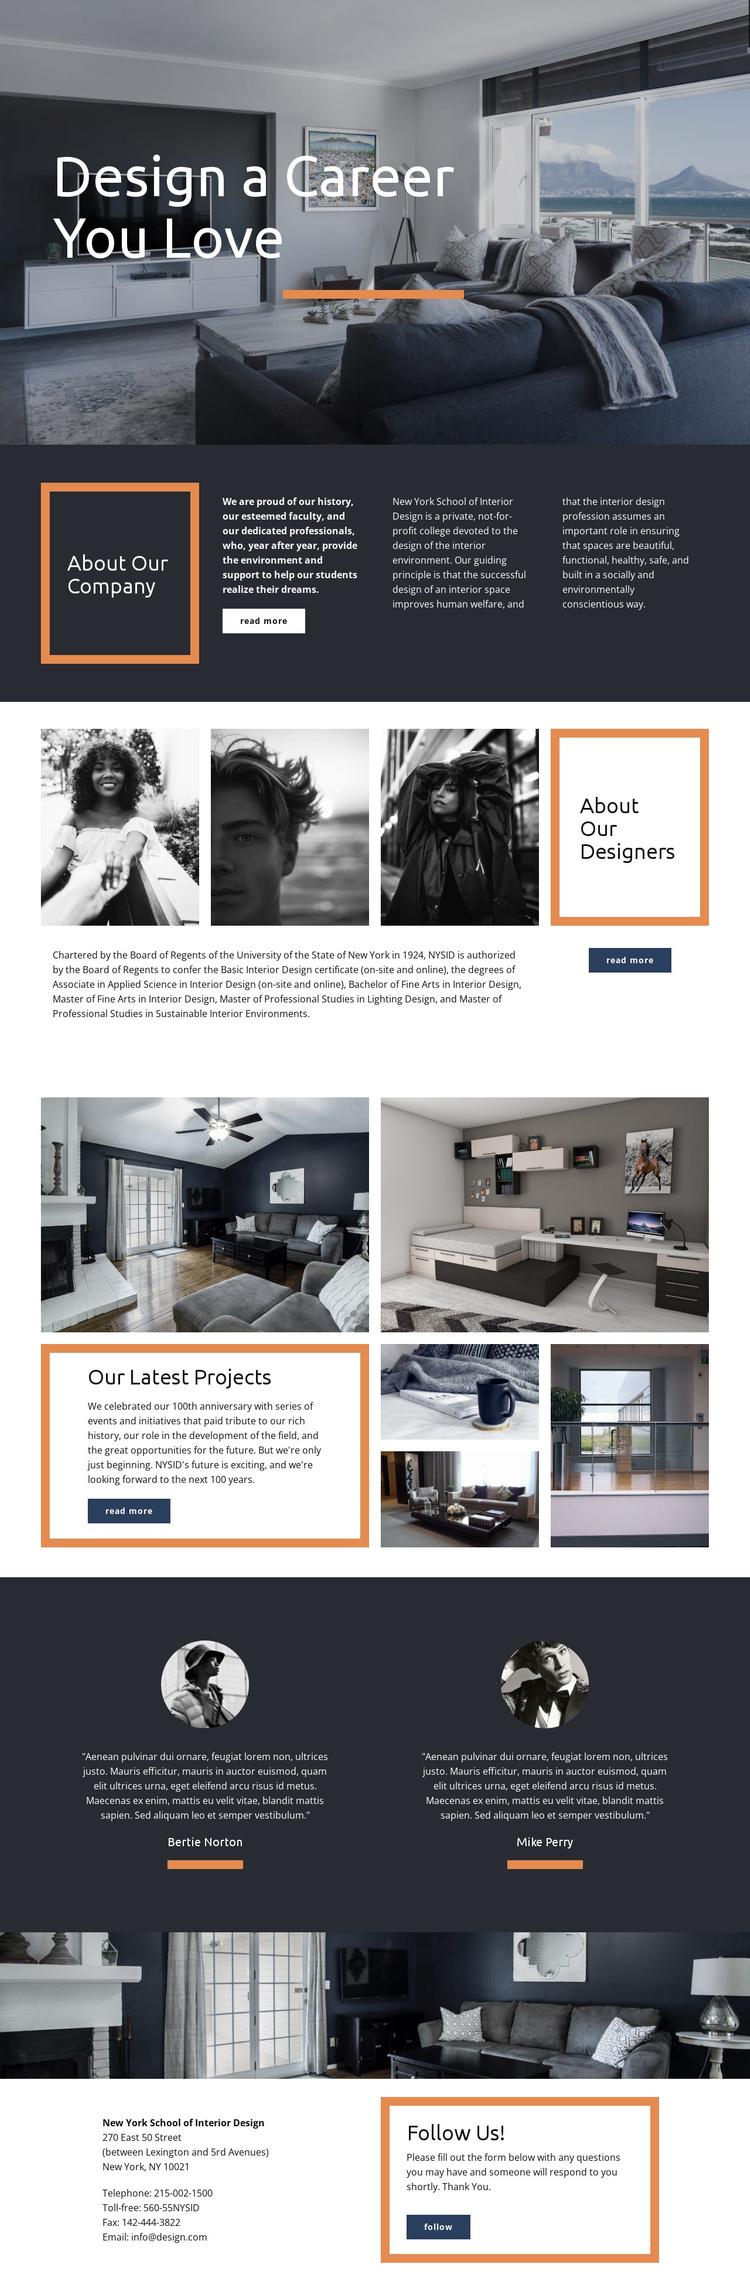 Design a Career You Love Joomla Template